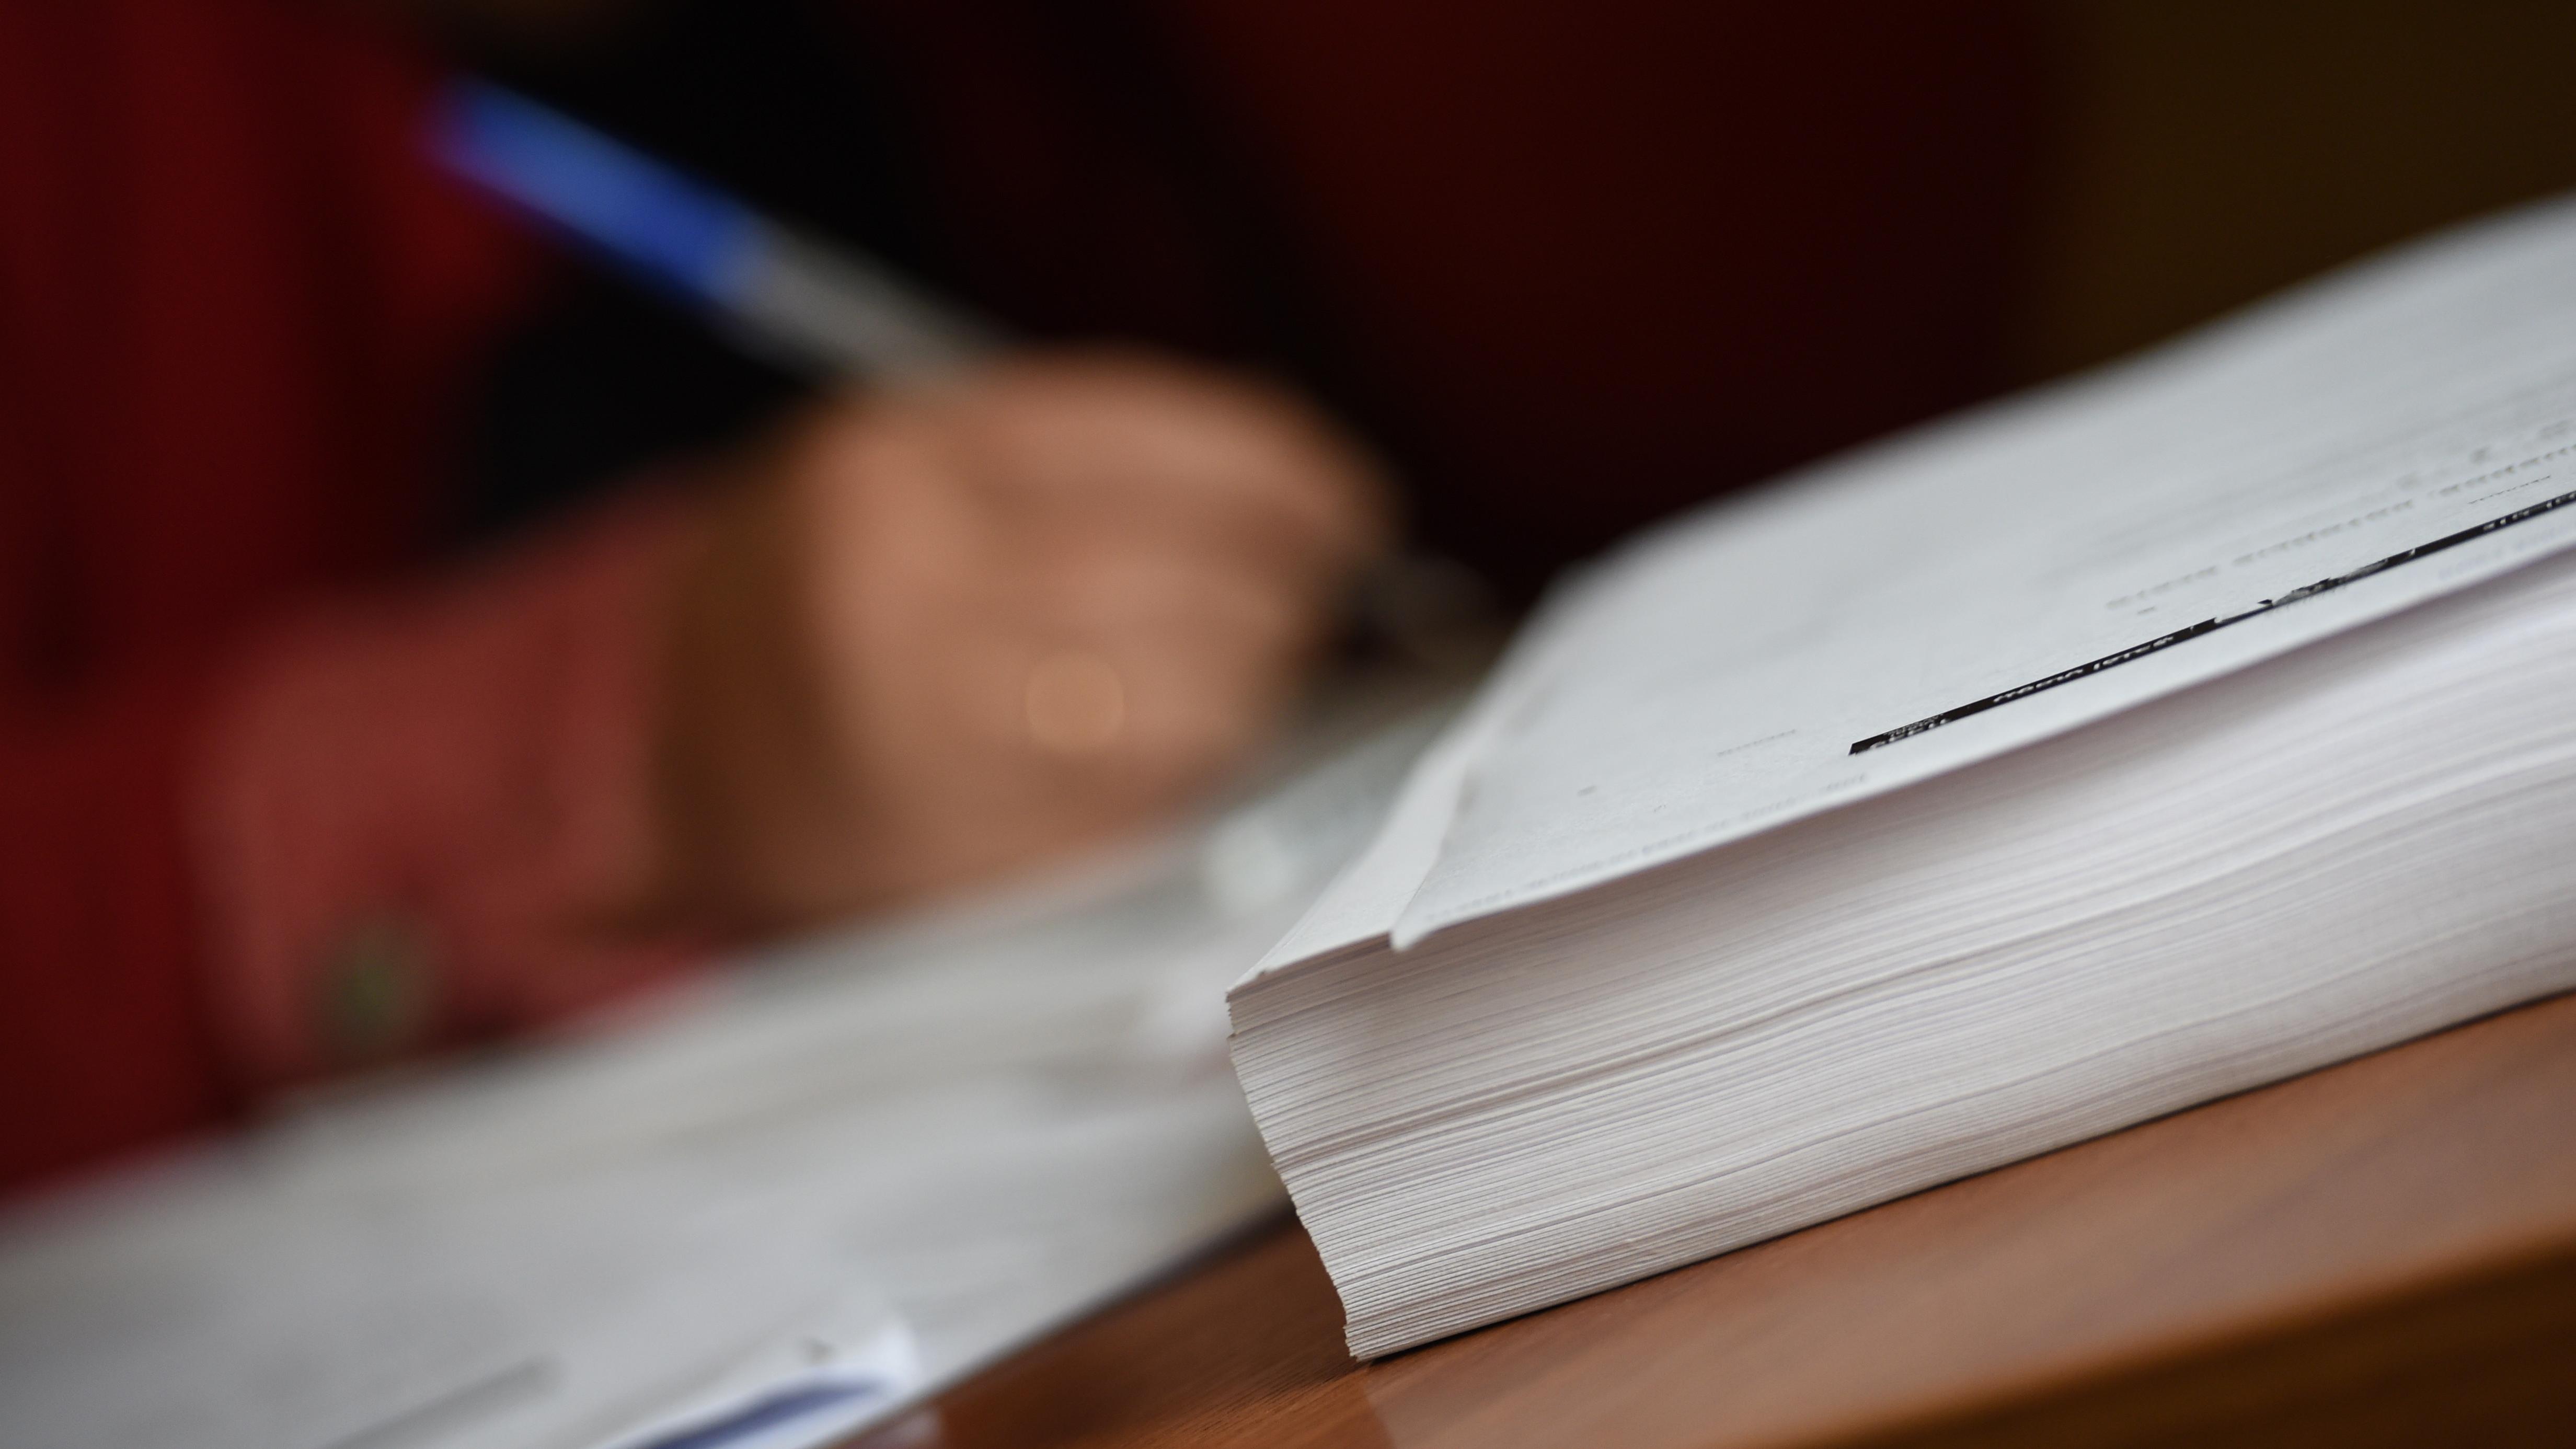 УФАС Подмосковья внесет ООО «Русские газоны ландшафт» в реестр недобросовестных поставщиков